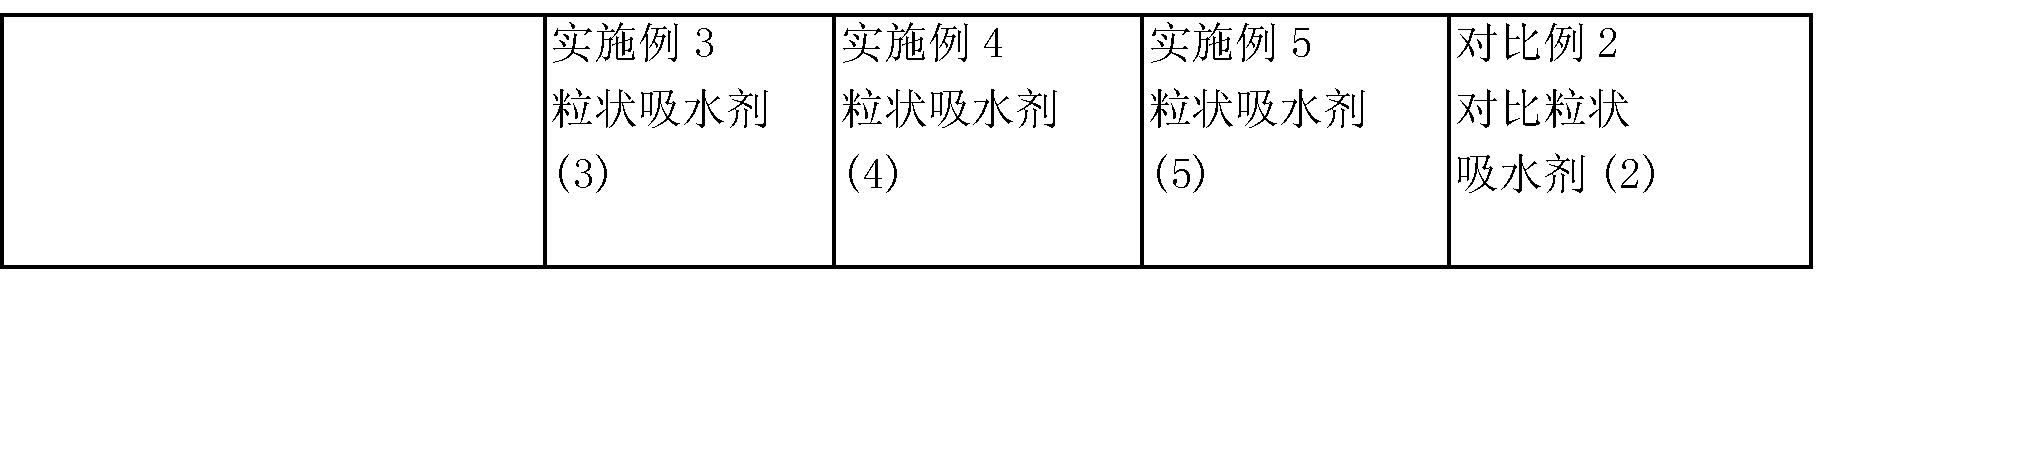 Figure CN101160355BD00292